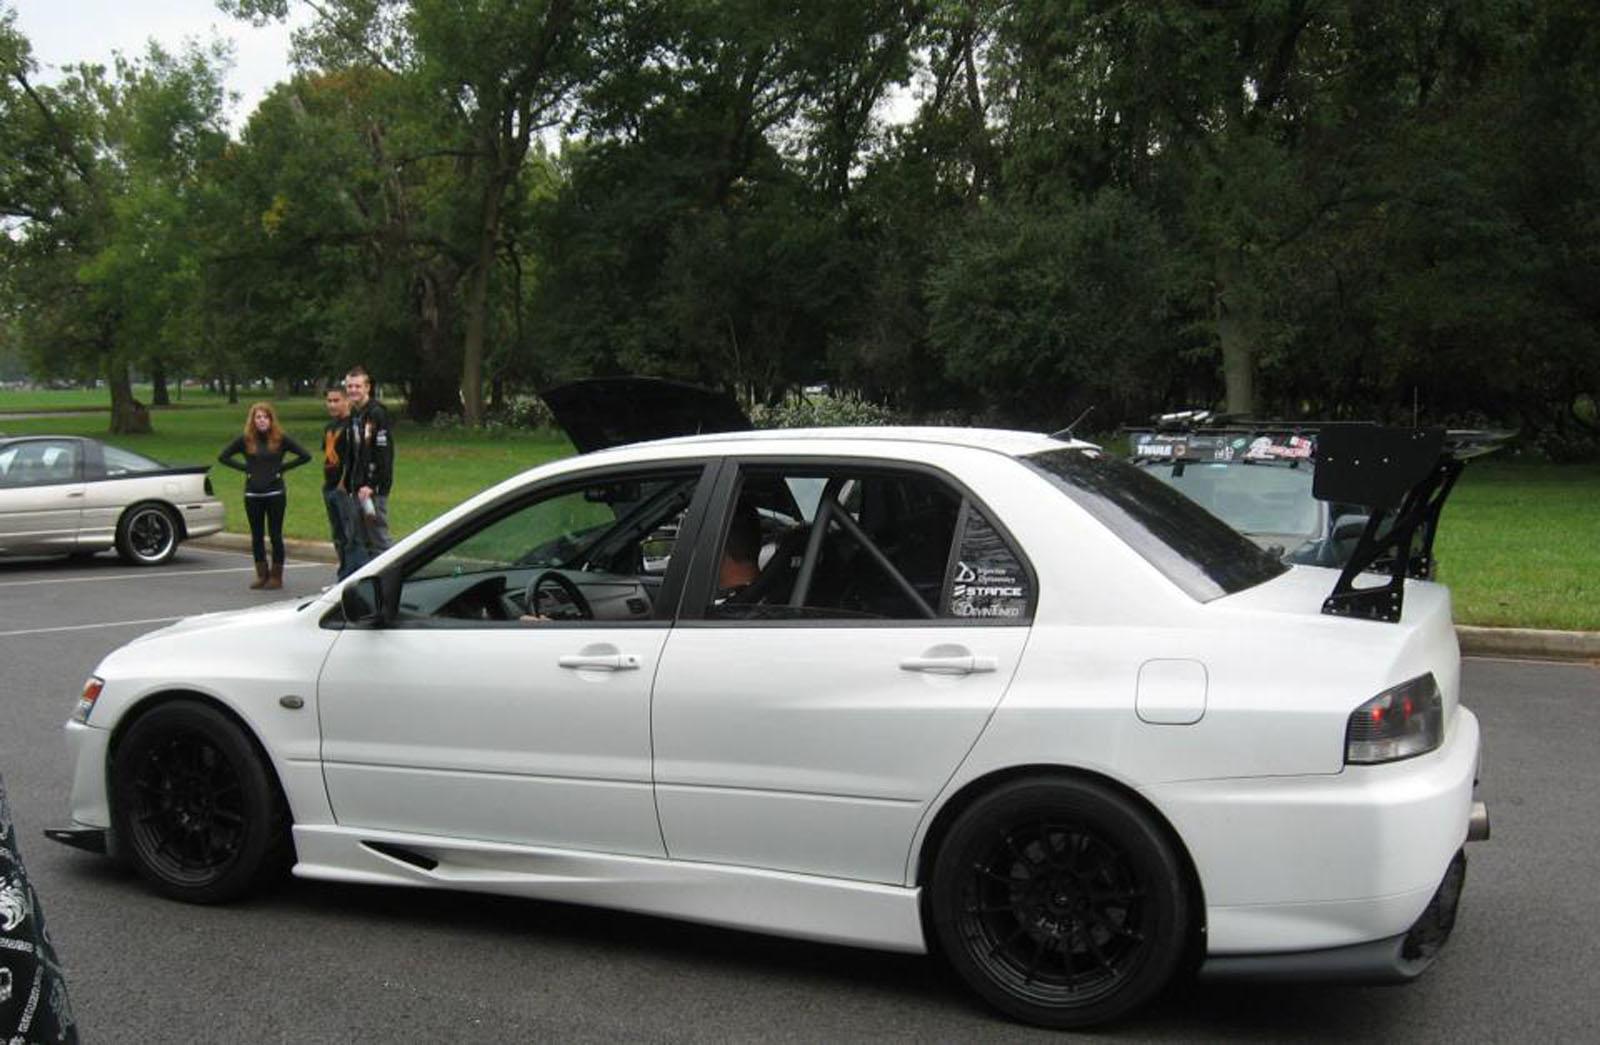 2004 mitsubishi lancer evo gsr for sale illinois - Mitsubishi Evolution 2004